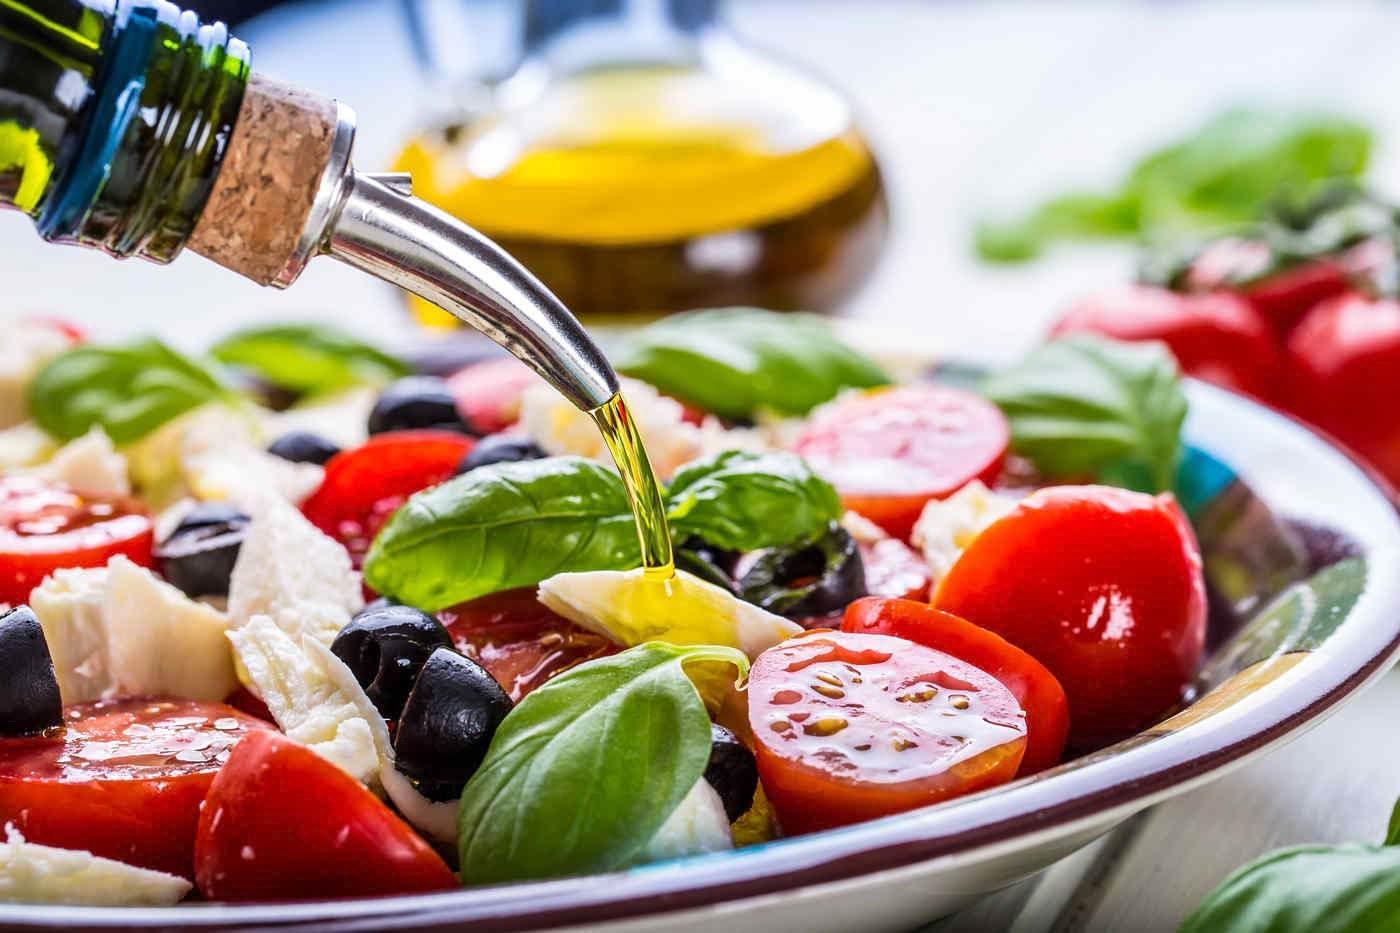 Ce să mănânci ca să trăiești mai mult?